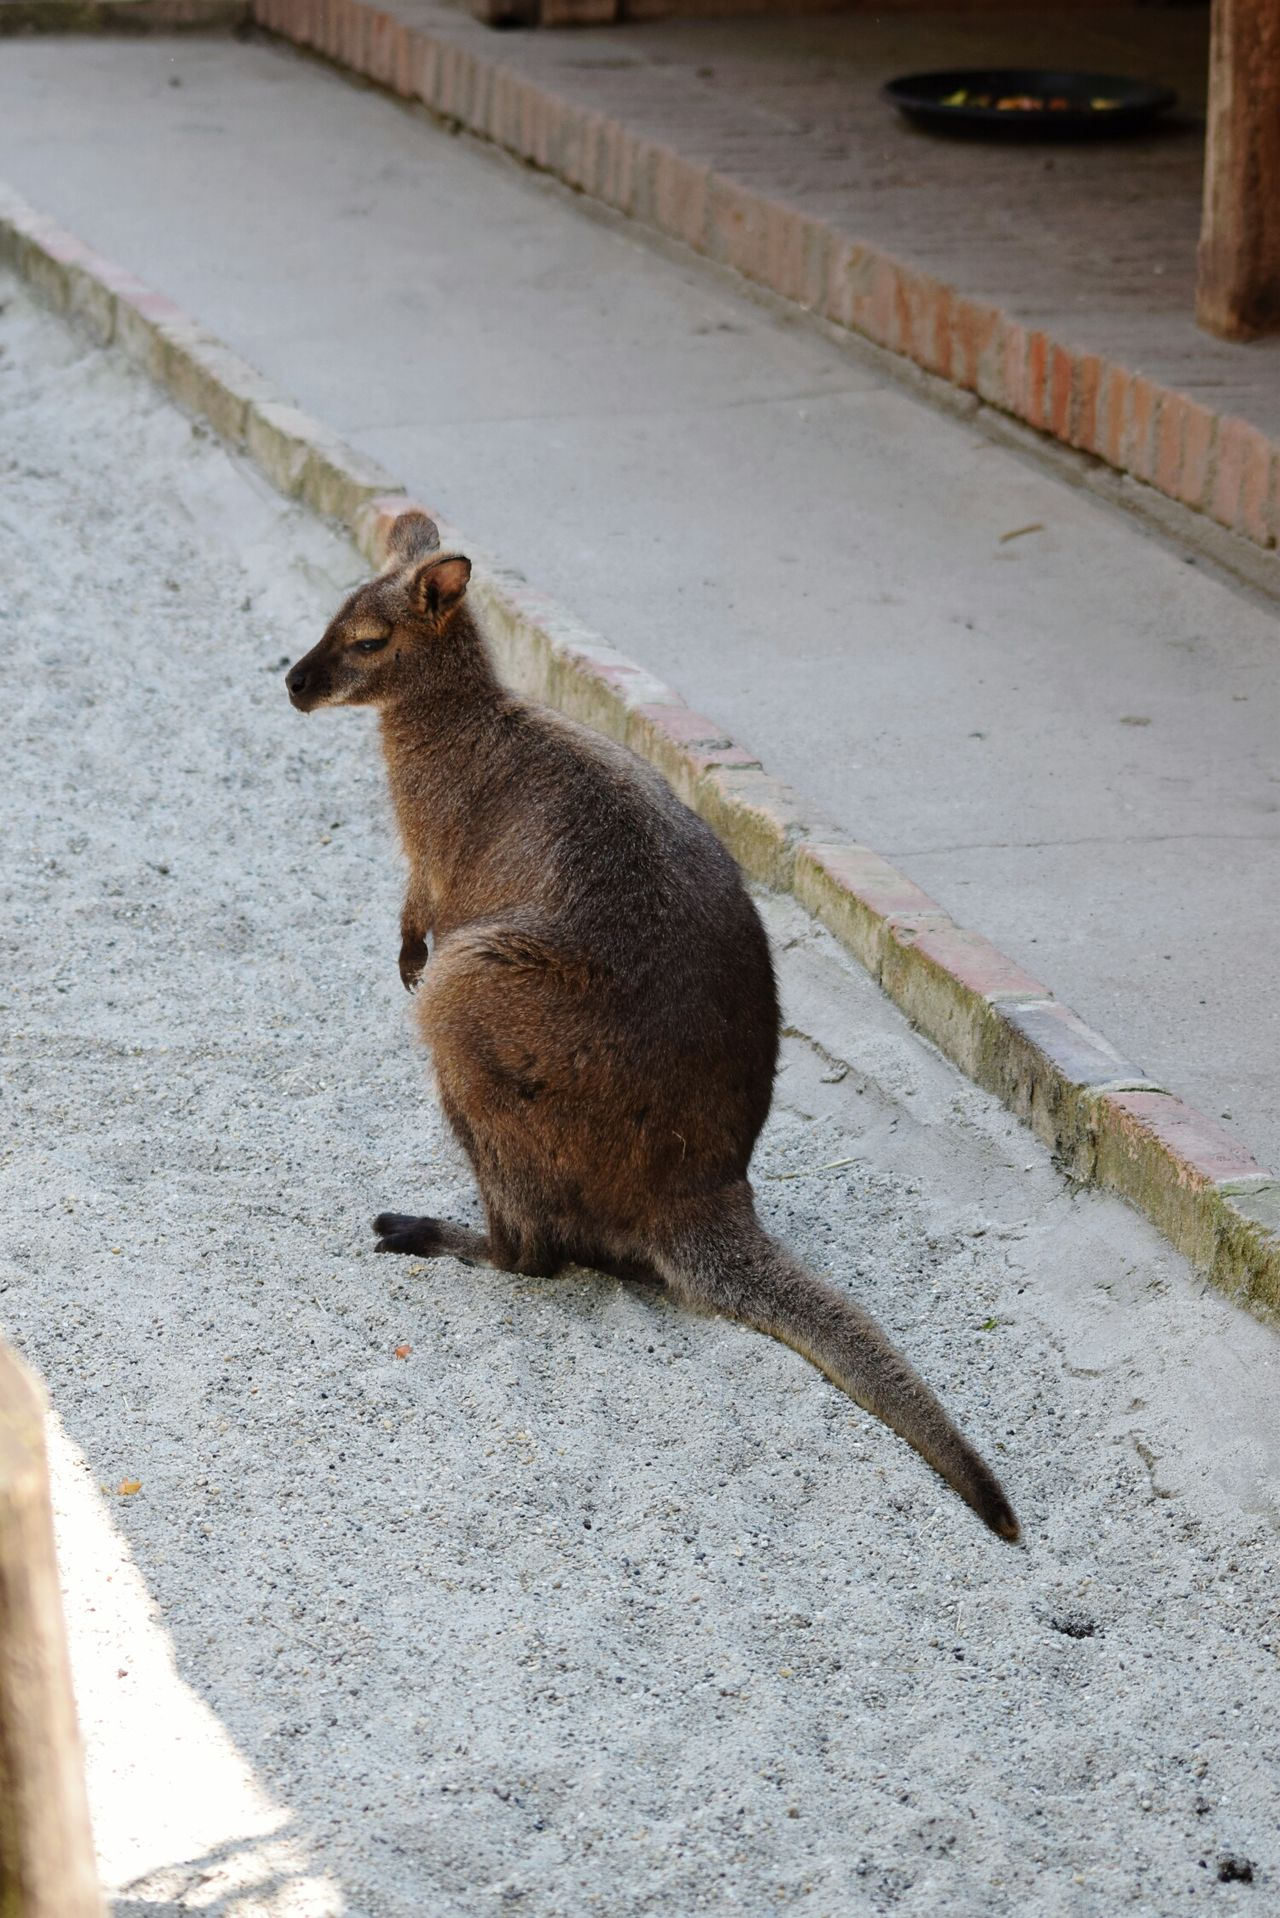 Zoo Zoo Budapest Kangaroo Kangoo Aussie Aussie Icon Watching EyeEm Gallery EyeEm Nature Lover